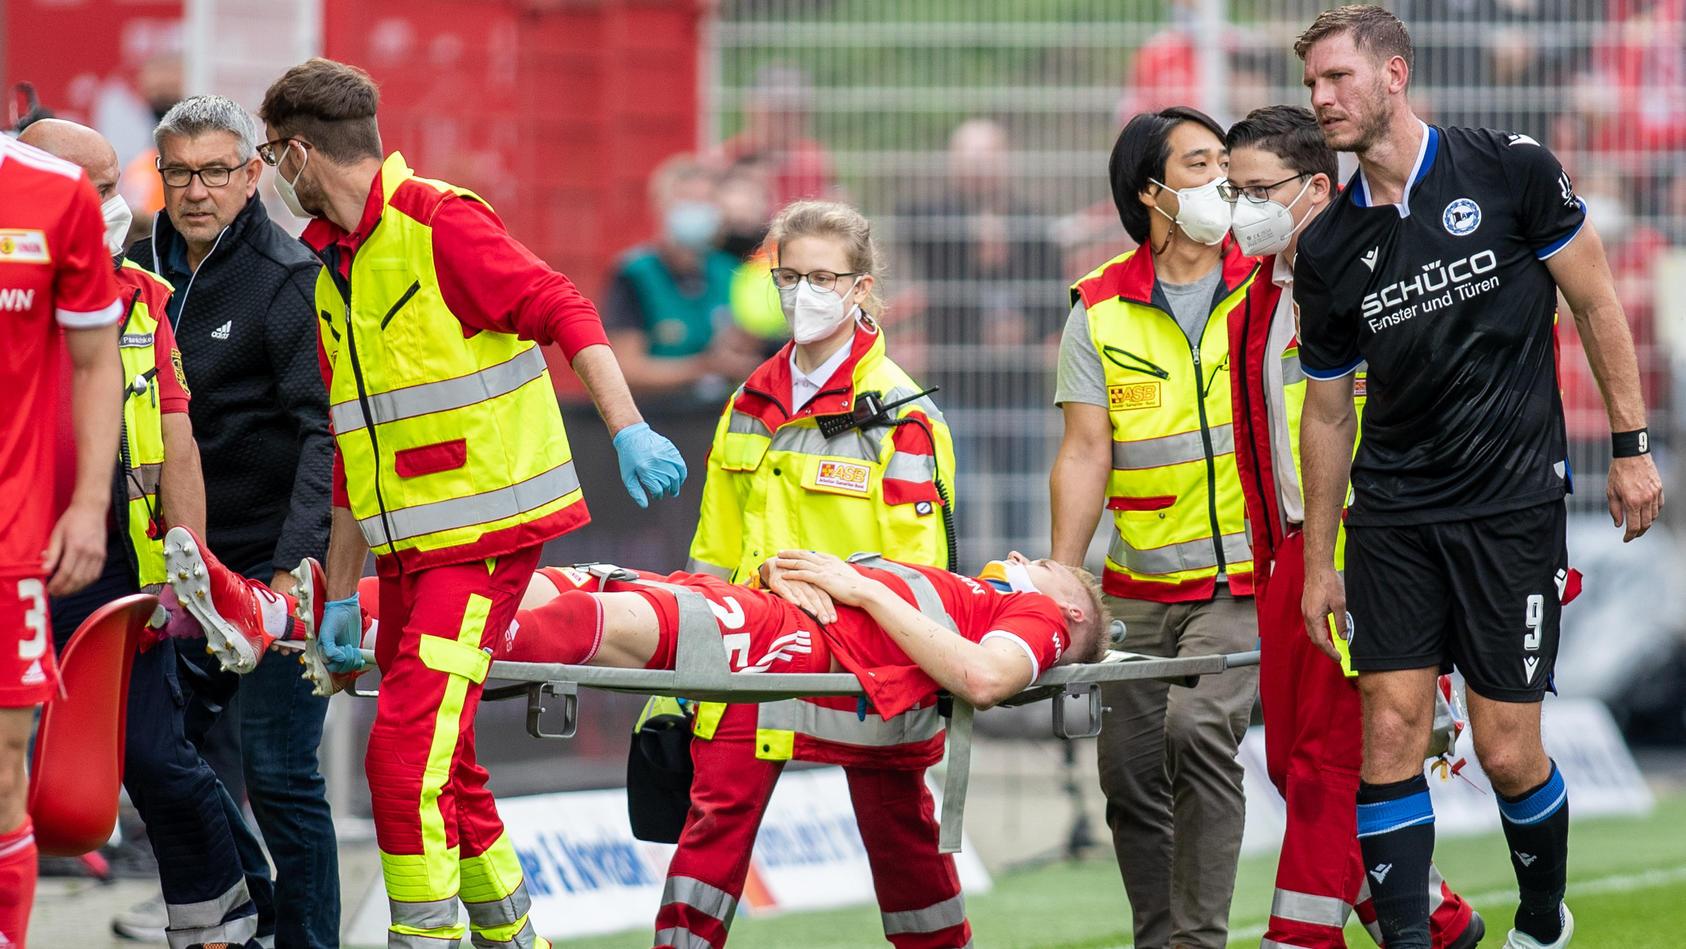 Timo Baumgartl musste auf der Trage und mit Halskrause vom Platz gebracht werden. Fabian Klos, mit dem er zusammenprallte, begleitete ihn.